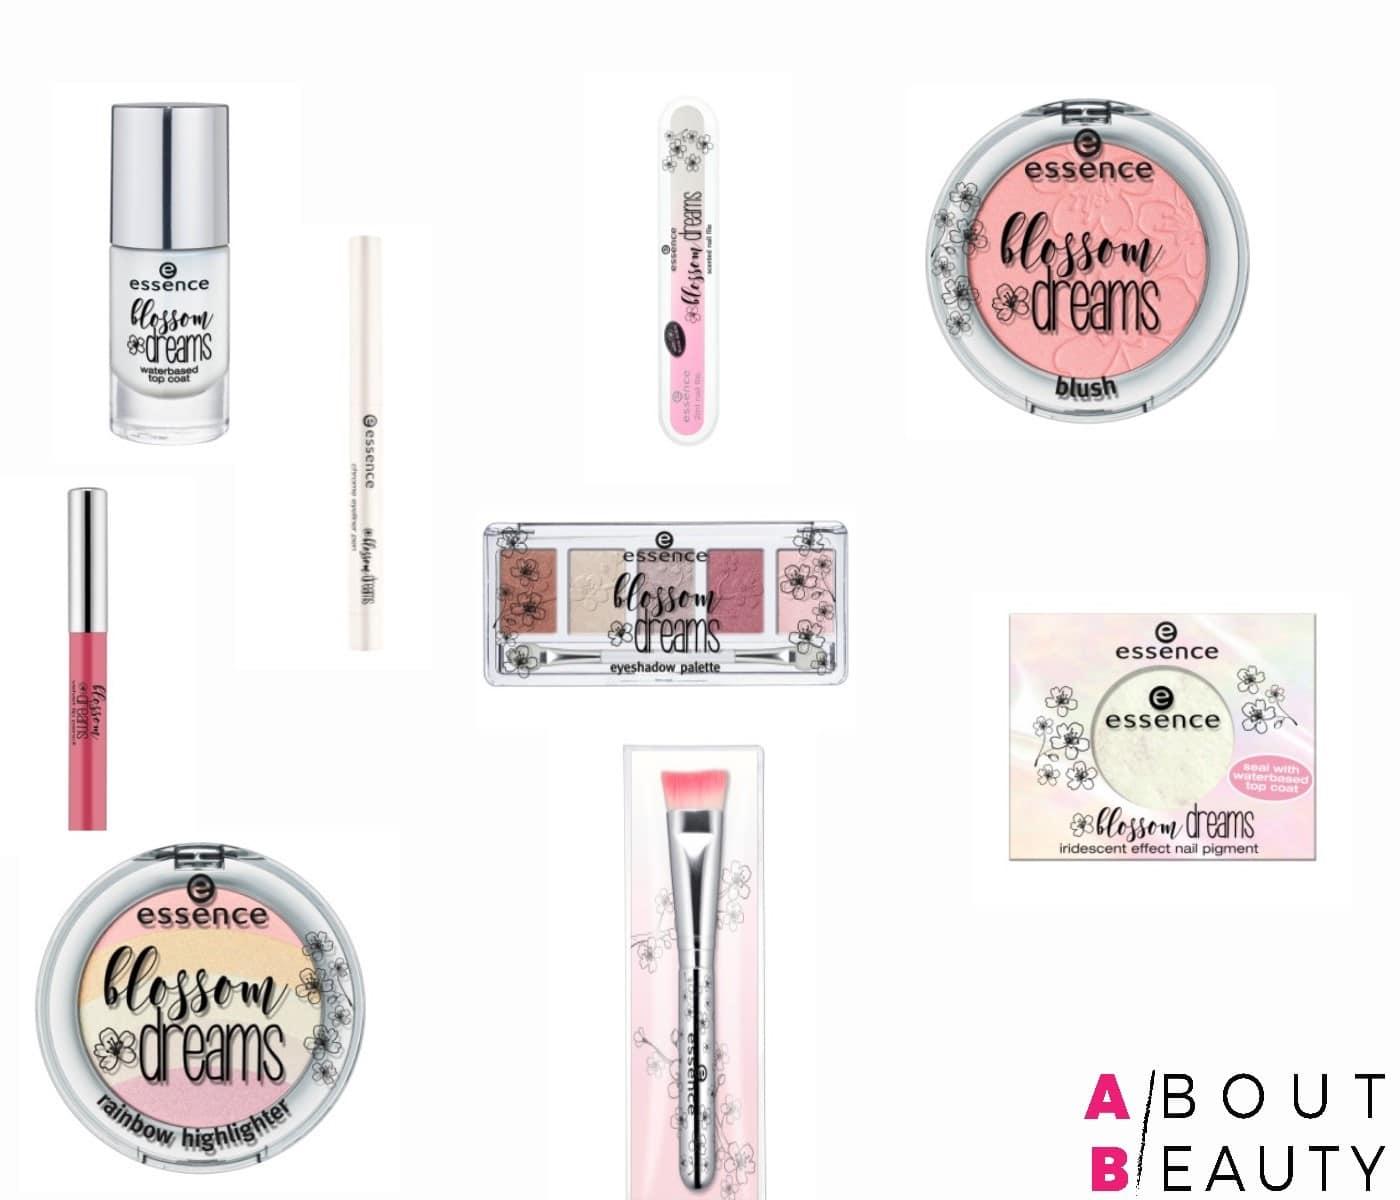 Cinque collezioni make-up primavera 2017 da non perdere - Essence Blossom Dreams